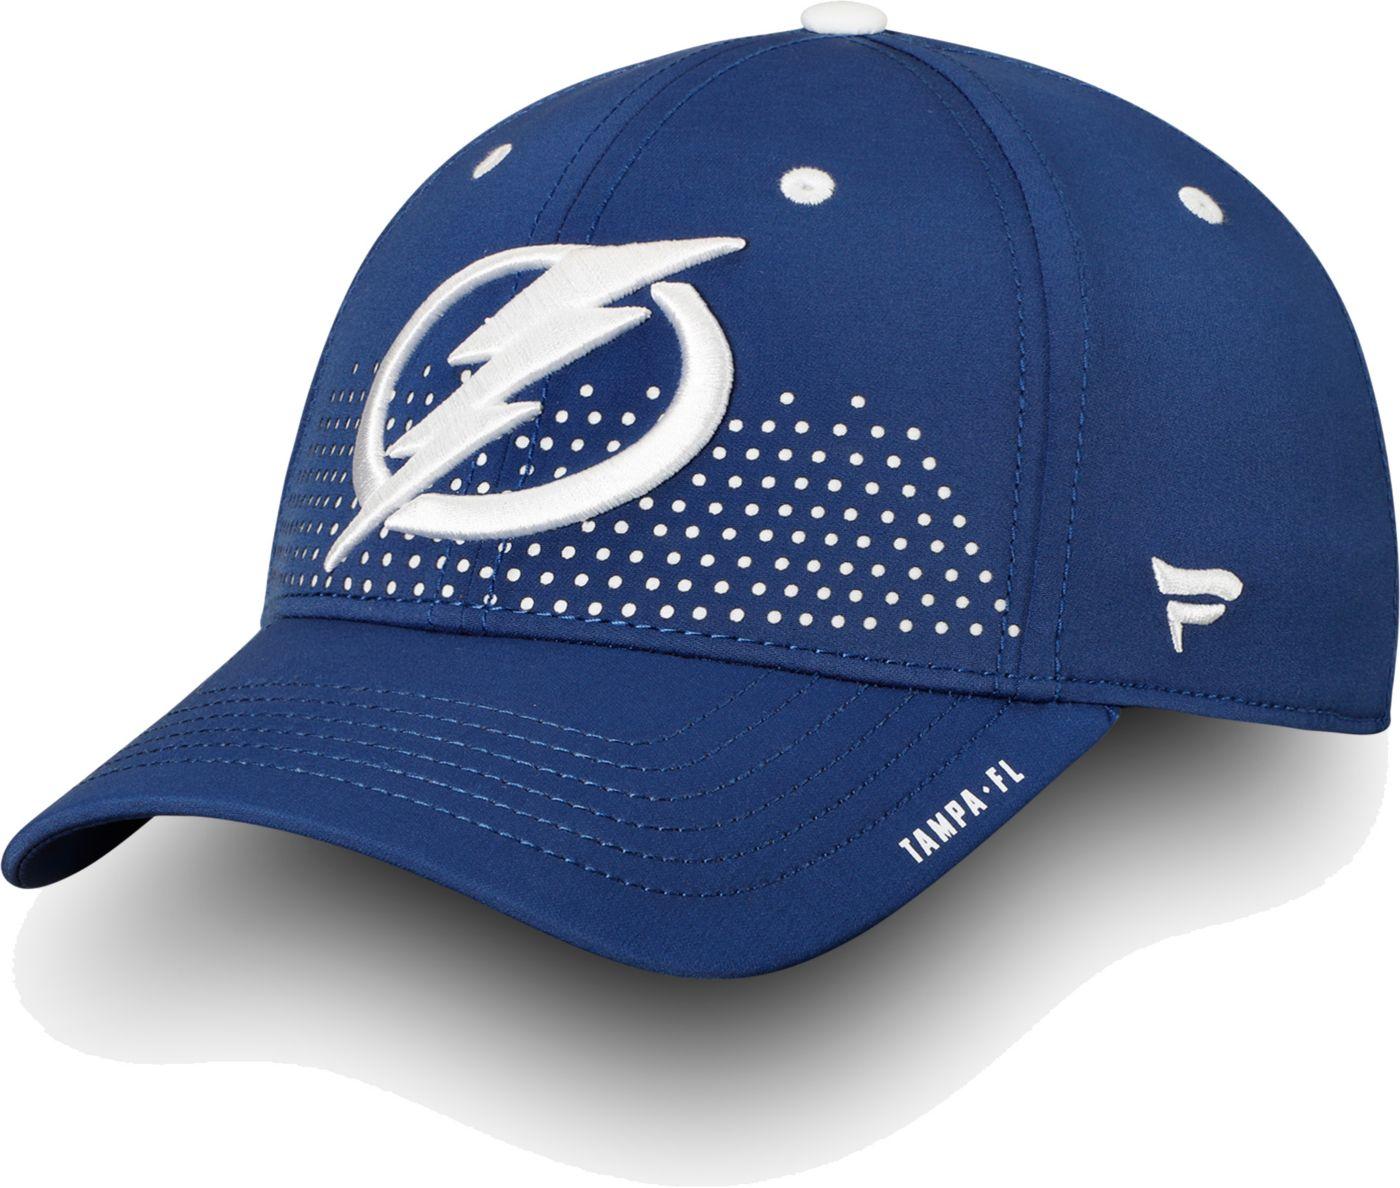 NHL Men's Tampa Bay Lightning 2018 NHL Draft Structured Royal Flex Hat